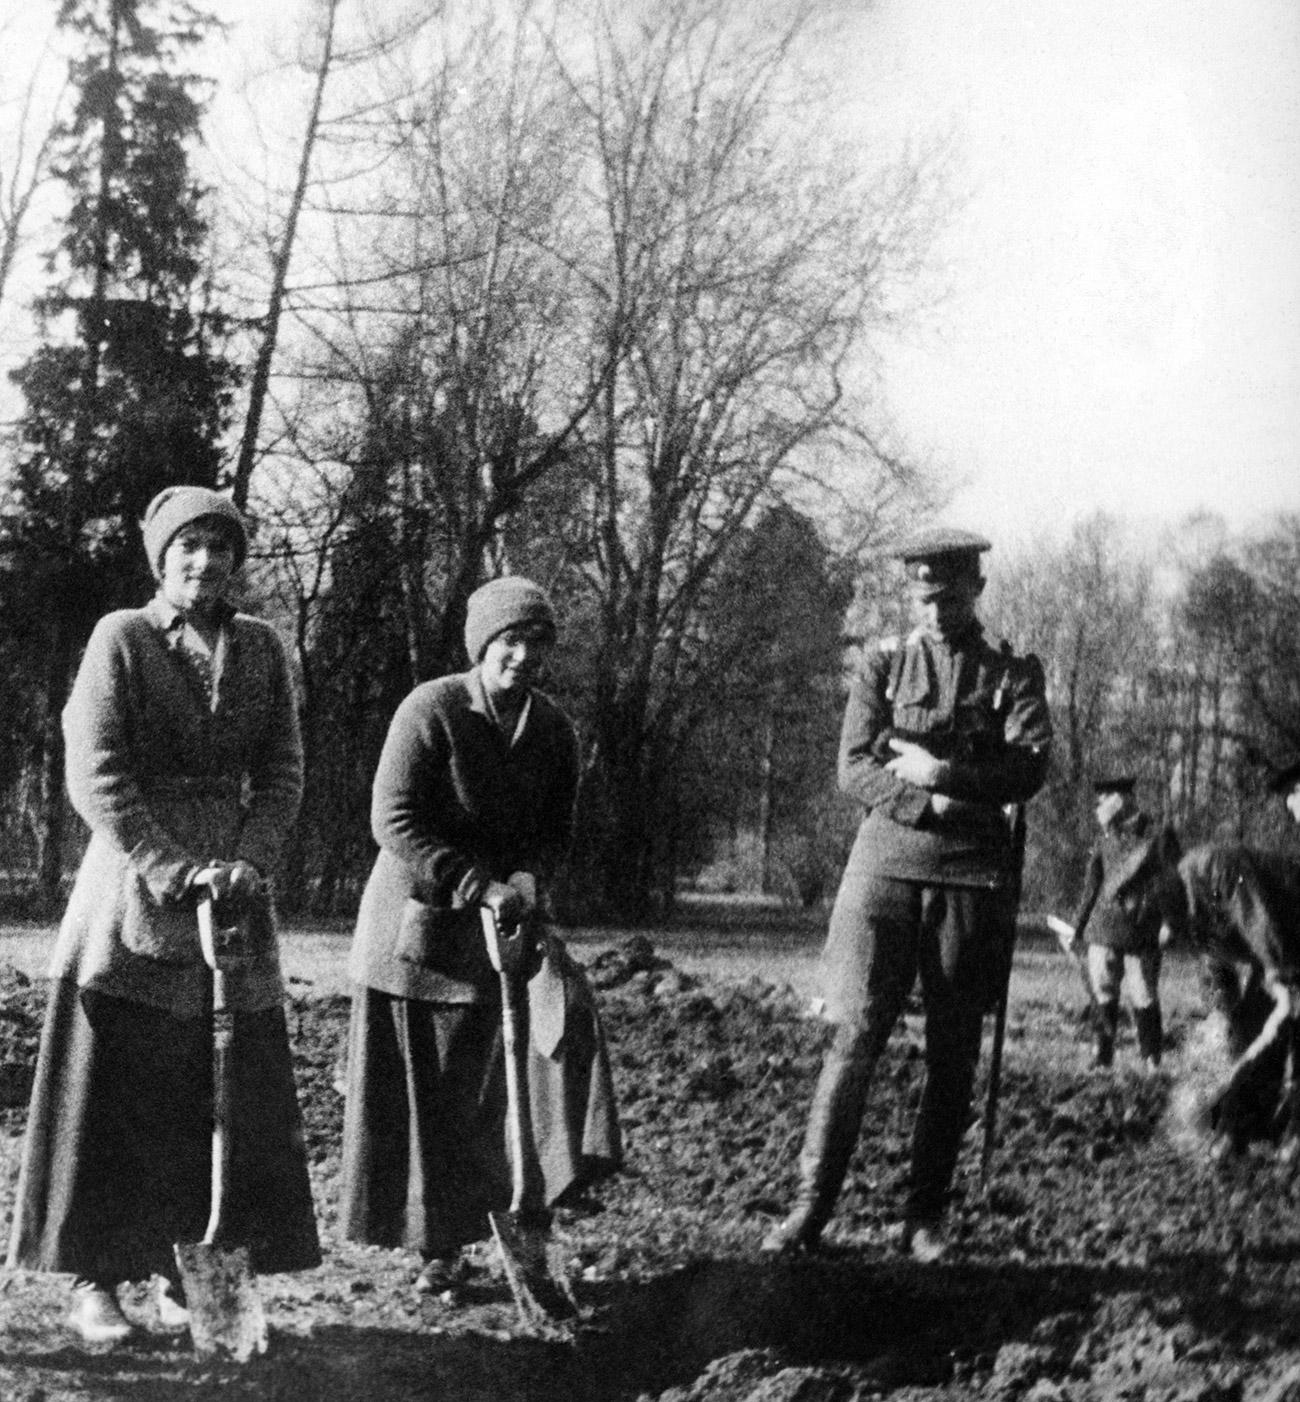 Da sinistra, le granduchesse Anastasia e Tatiana Nikolaevna, figlie dello zar Nicola II. Fonte: Tass